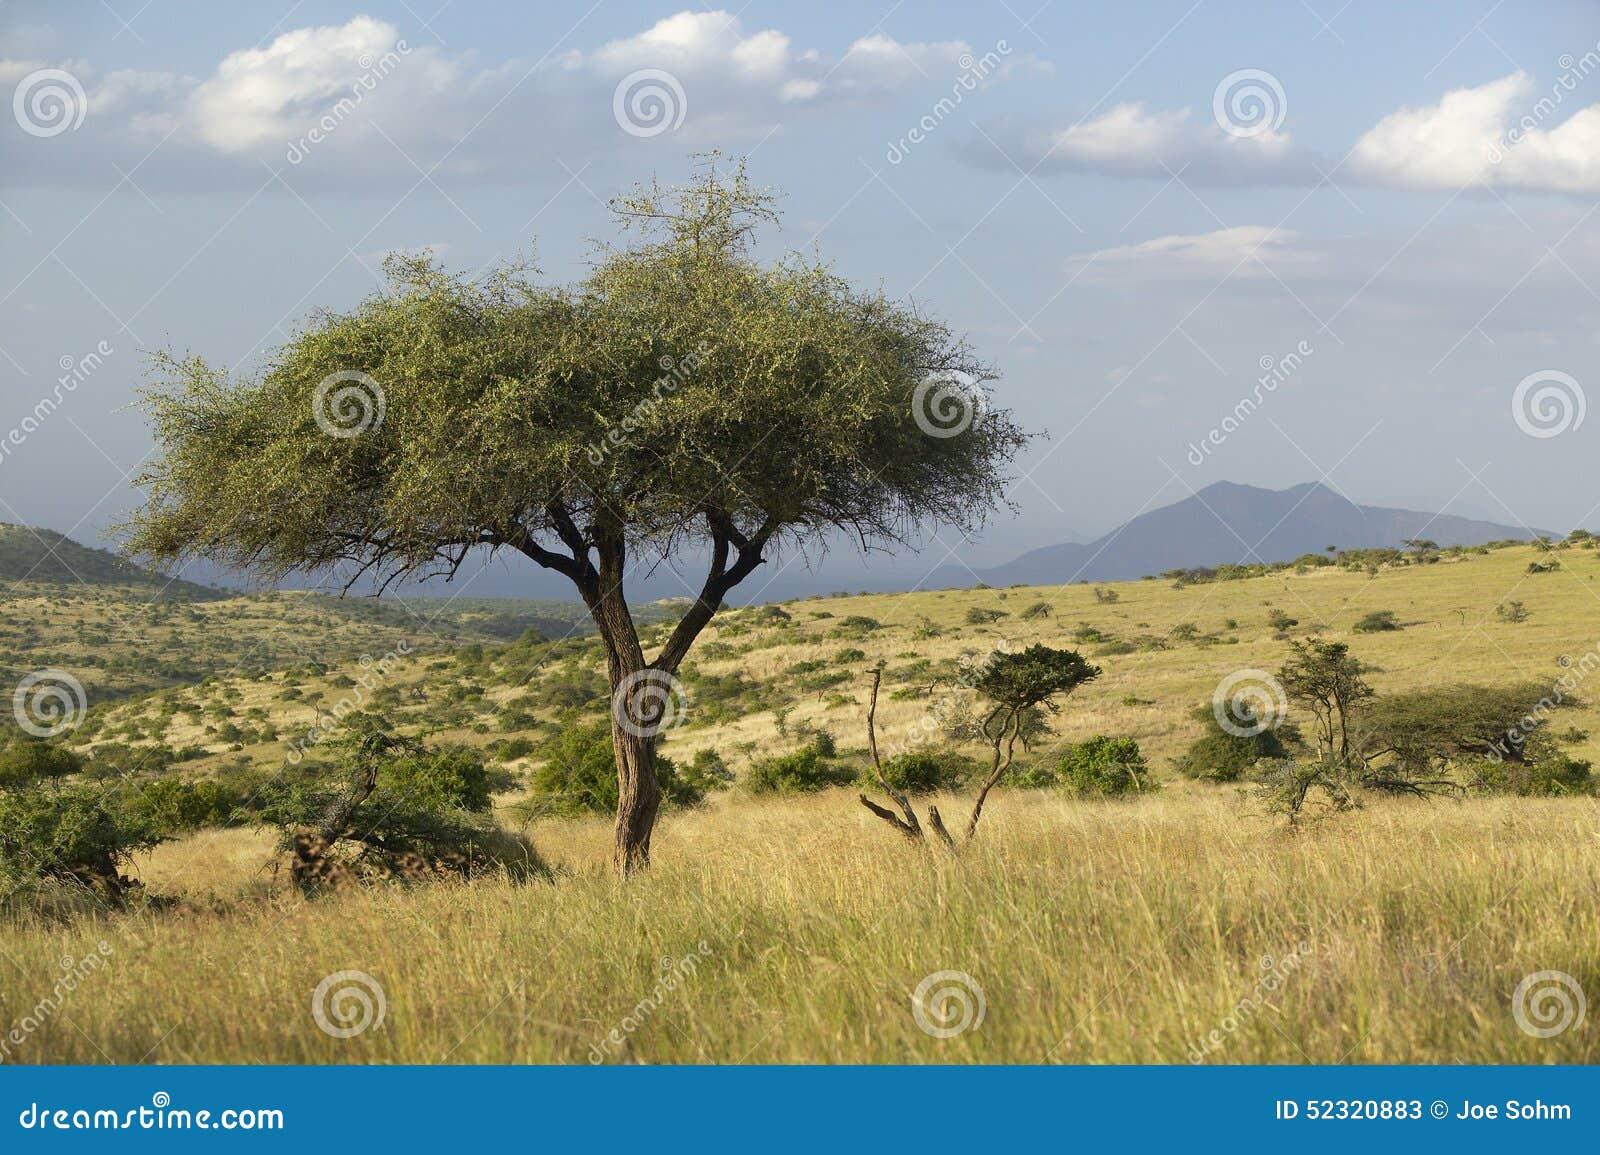 Download Acacia Tree At Sunset At Lewa Conservancy, Kenya, Africa Stock Image - Image of lewa, bush: 52320883